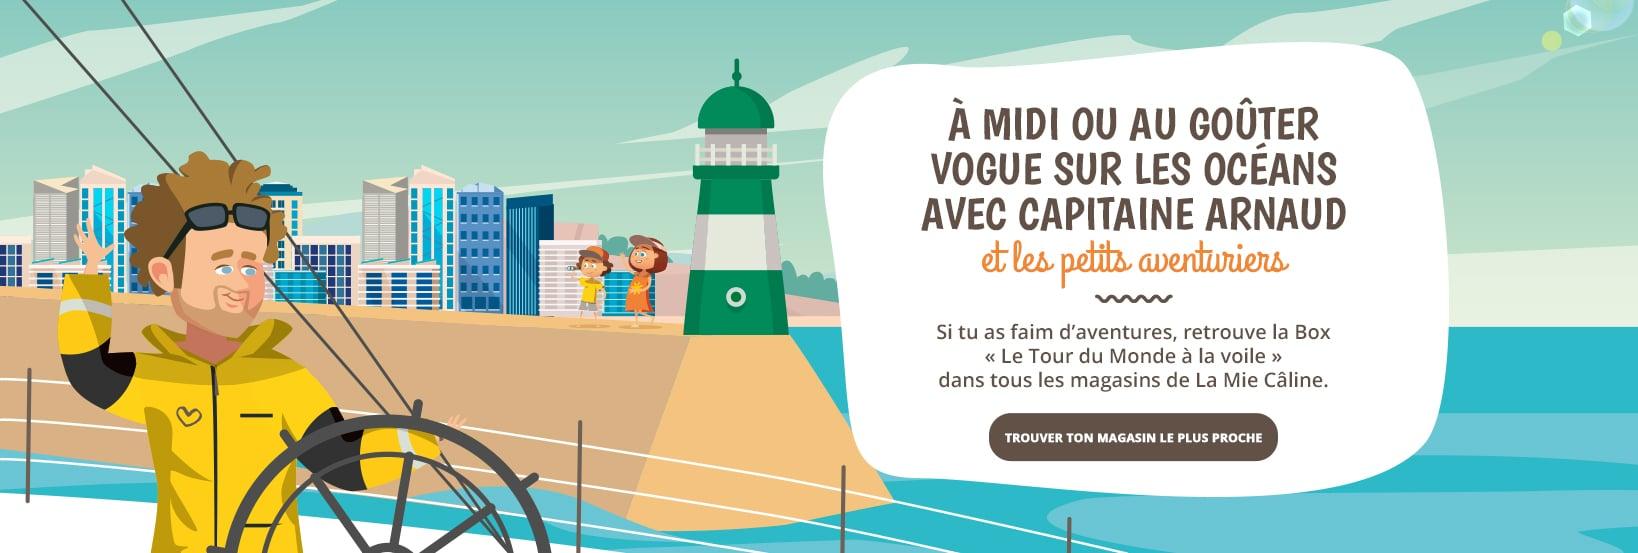 Vendée globe 2020 : Le tour du monde à la voile - Capitaine Arnaud et ...